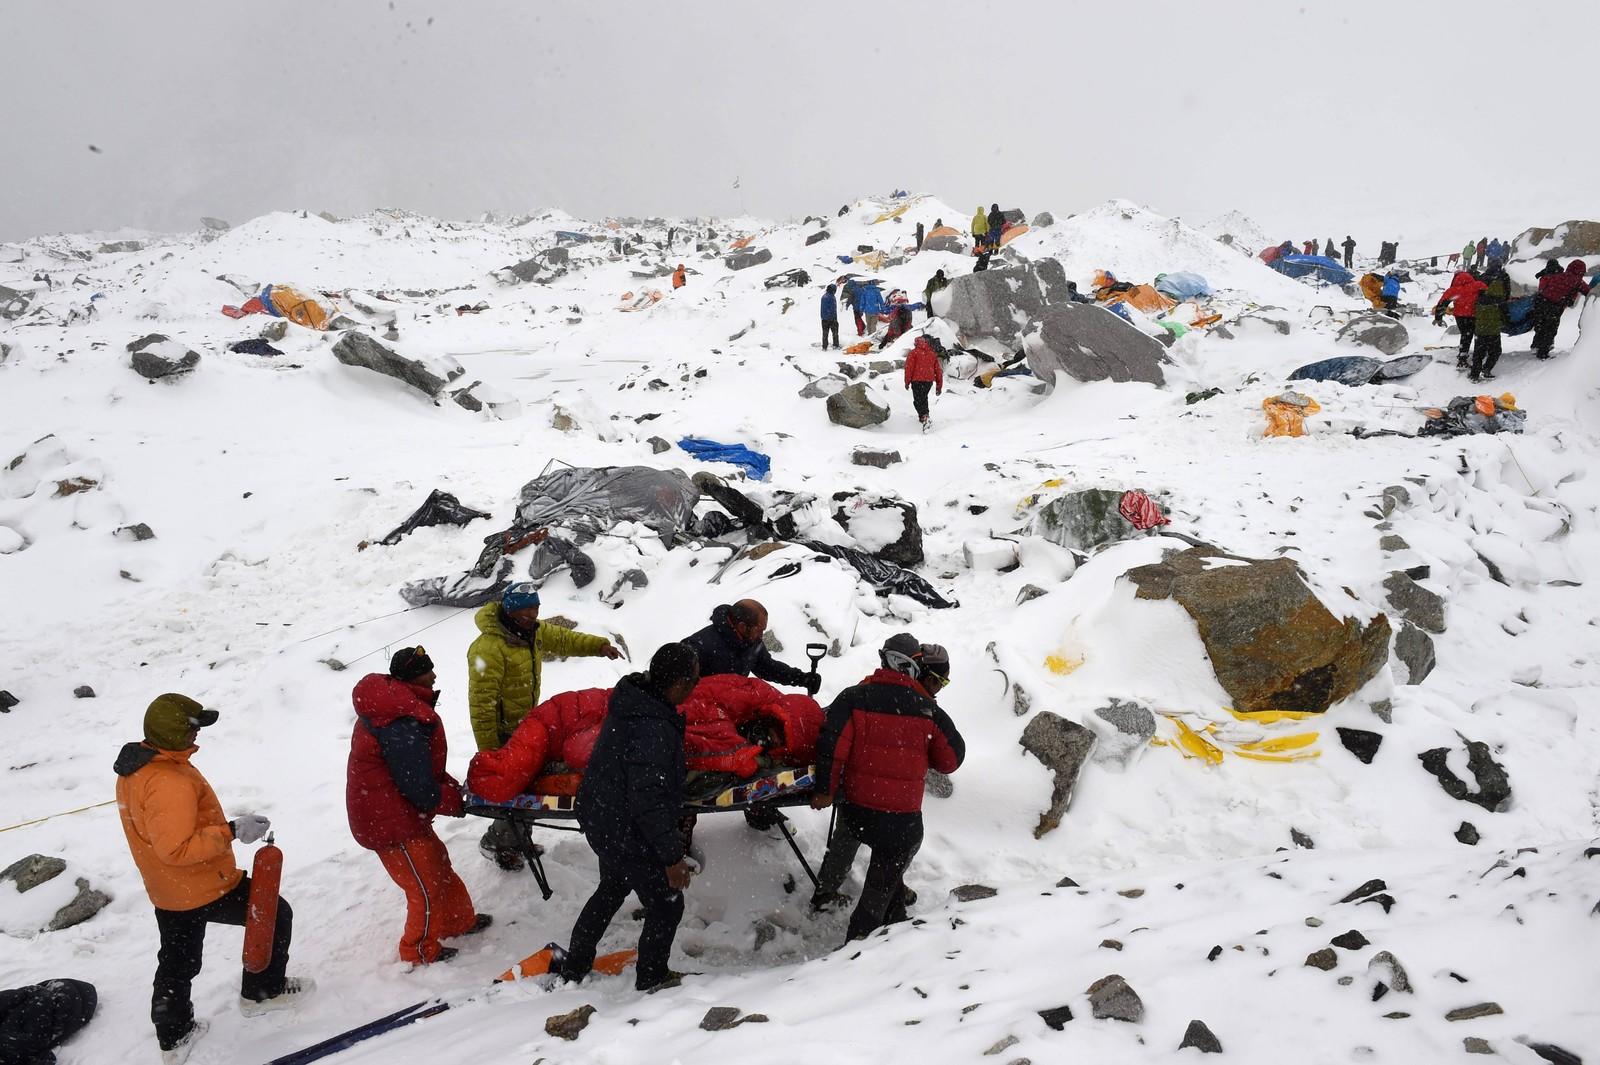 Hele Base Campen var smadret og de skadde ble båret av de andre fjellklatrerne.